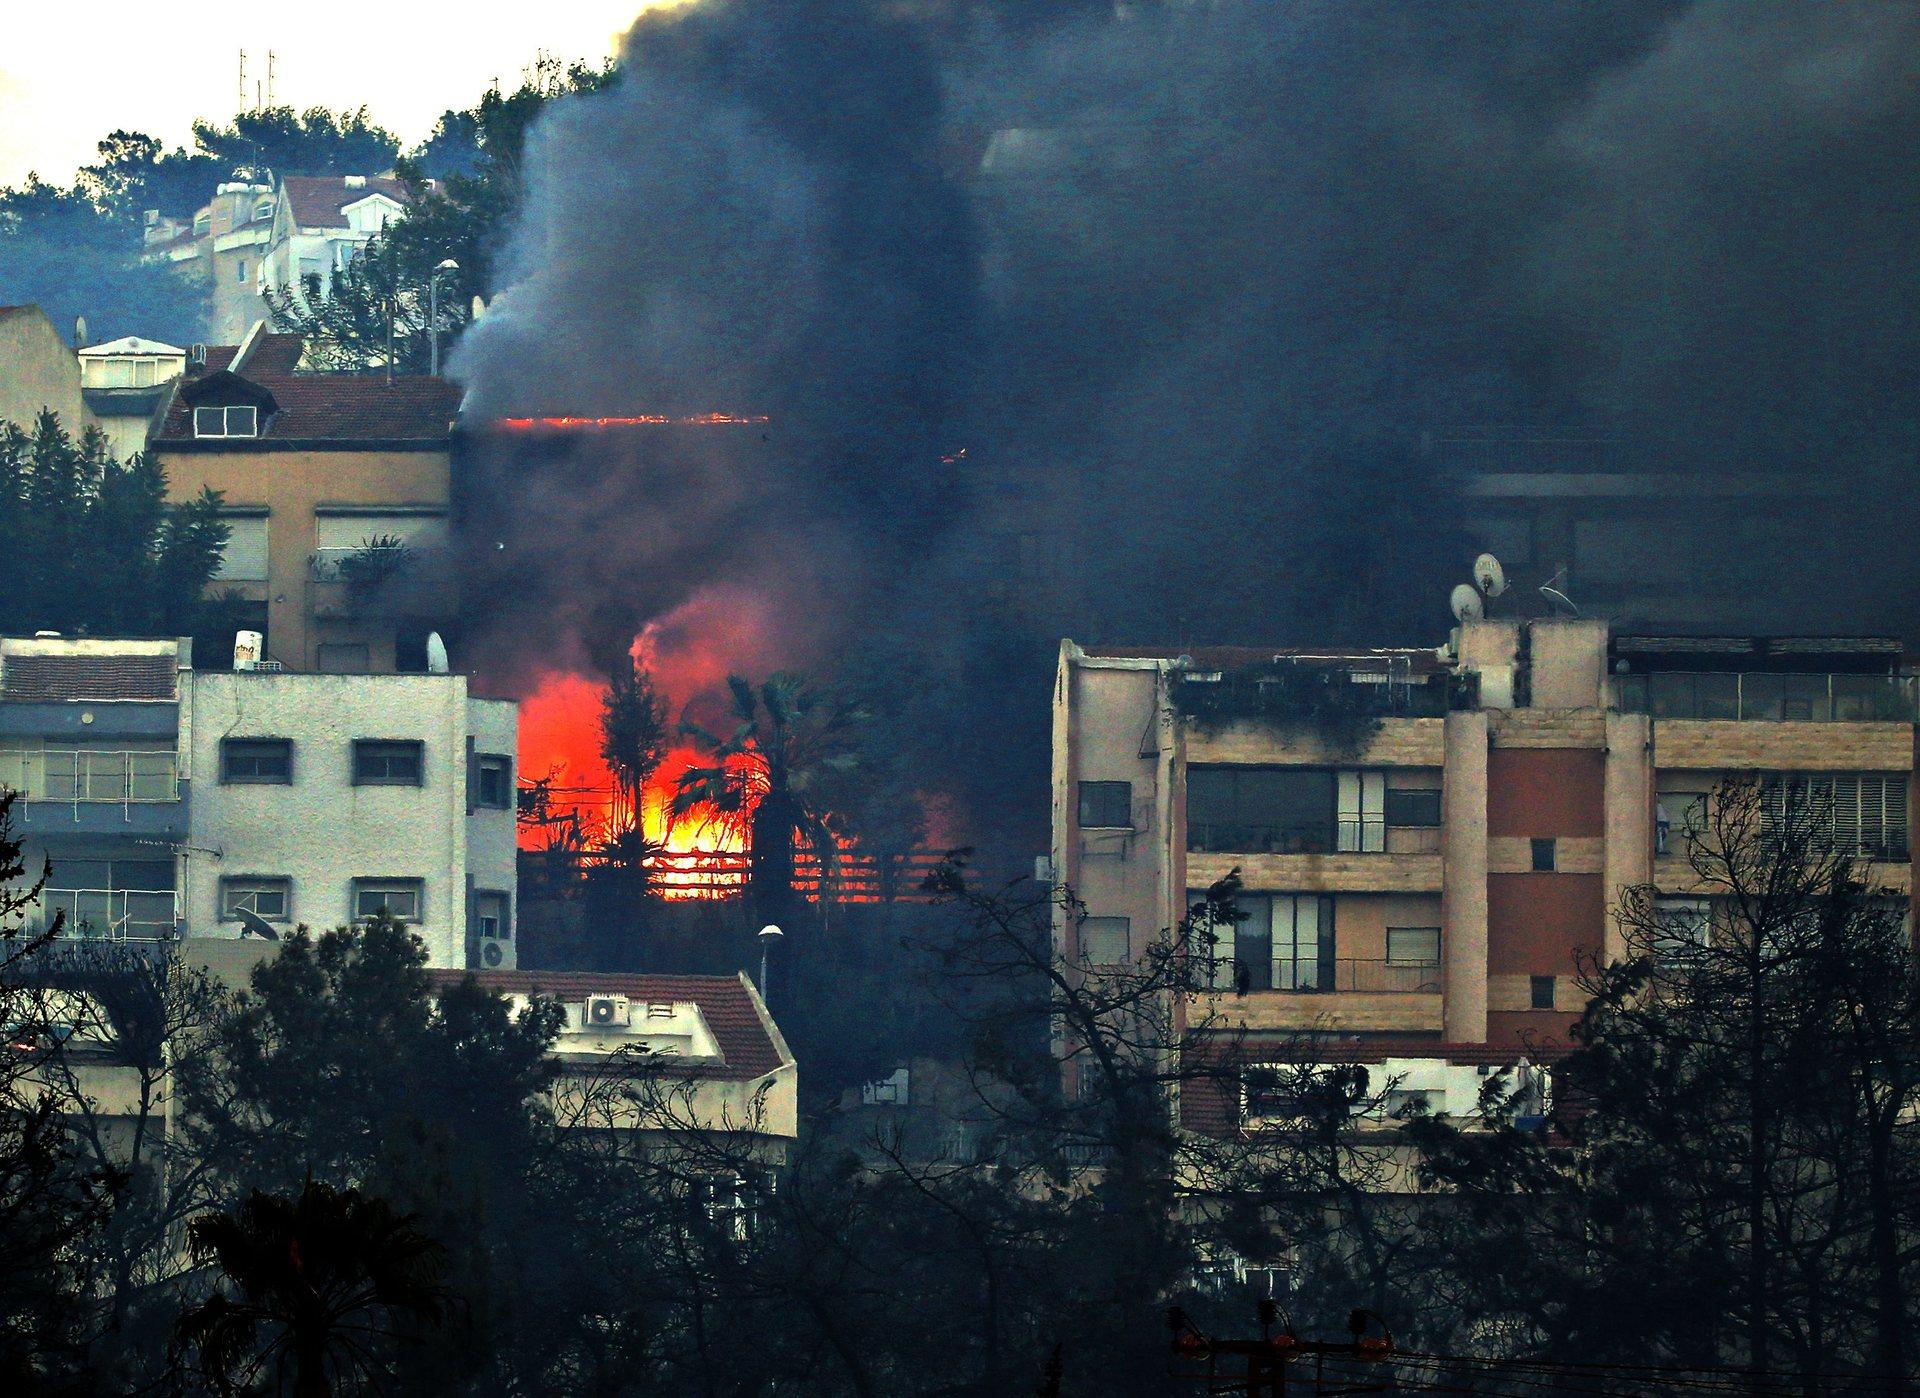 В сухую и жаркую погоду огонь быстро распространяется по пригородам Хайфы. Вот что пишет моя подруга